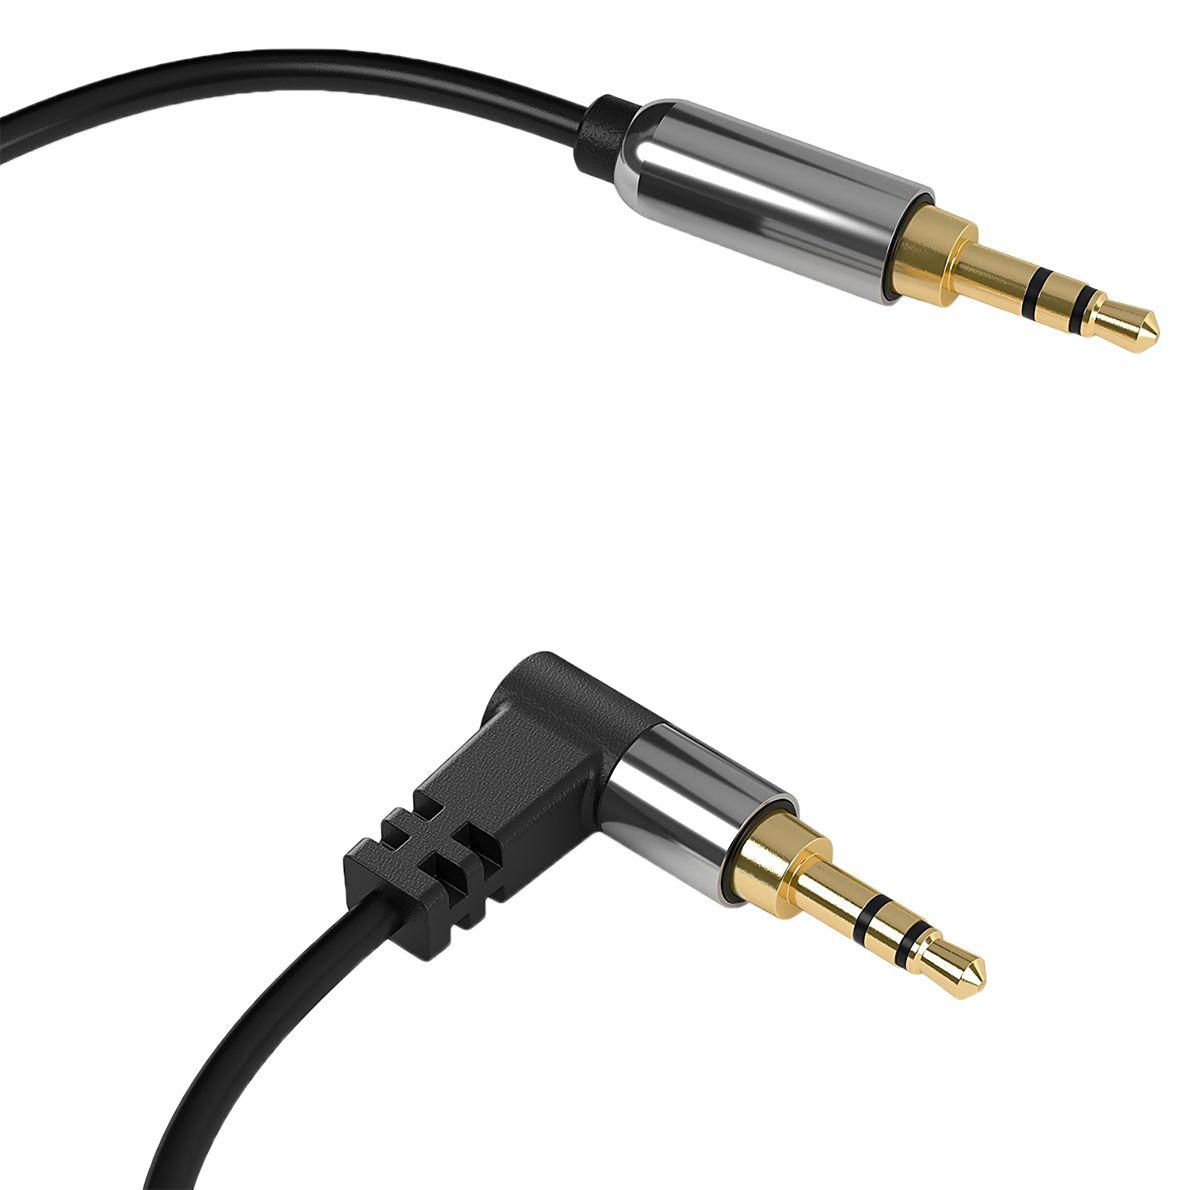 ACE Aux-Kabel |3,5 mm Klinkenstecker |Stecker für Iphone MP3 Handy ...